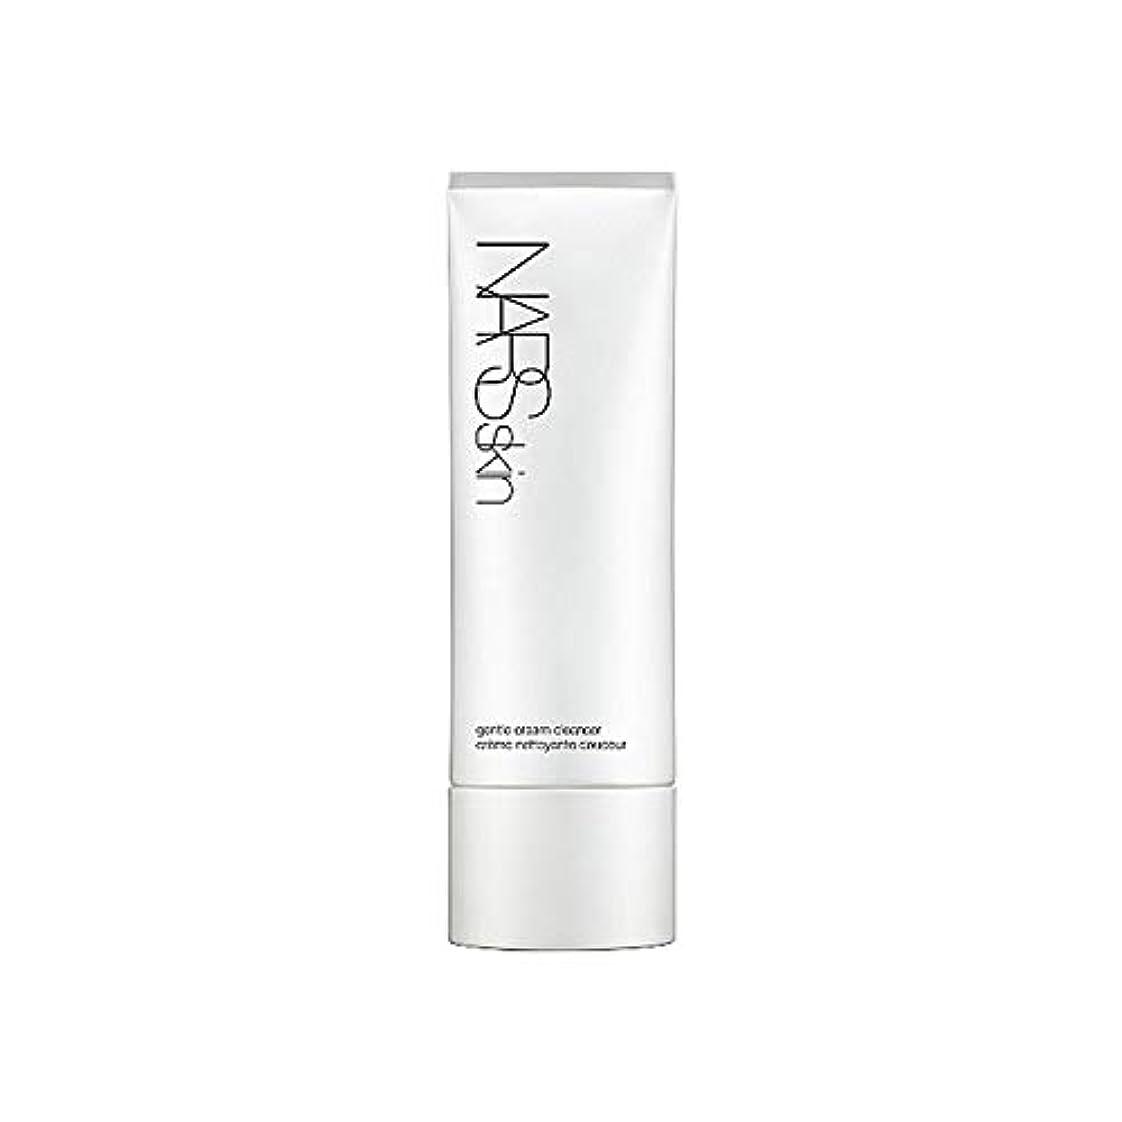 雑種論文超高層ビル[Nars] Narは優しいクリームクレンザー125ミリリットル - Nars Gentle Cream Cleanser 125ml [並行輸入品]